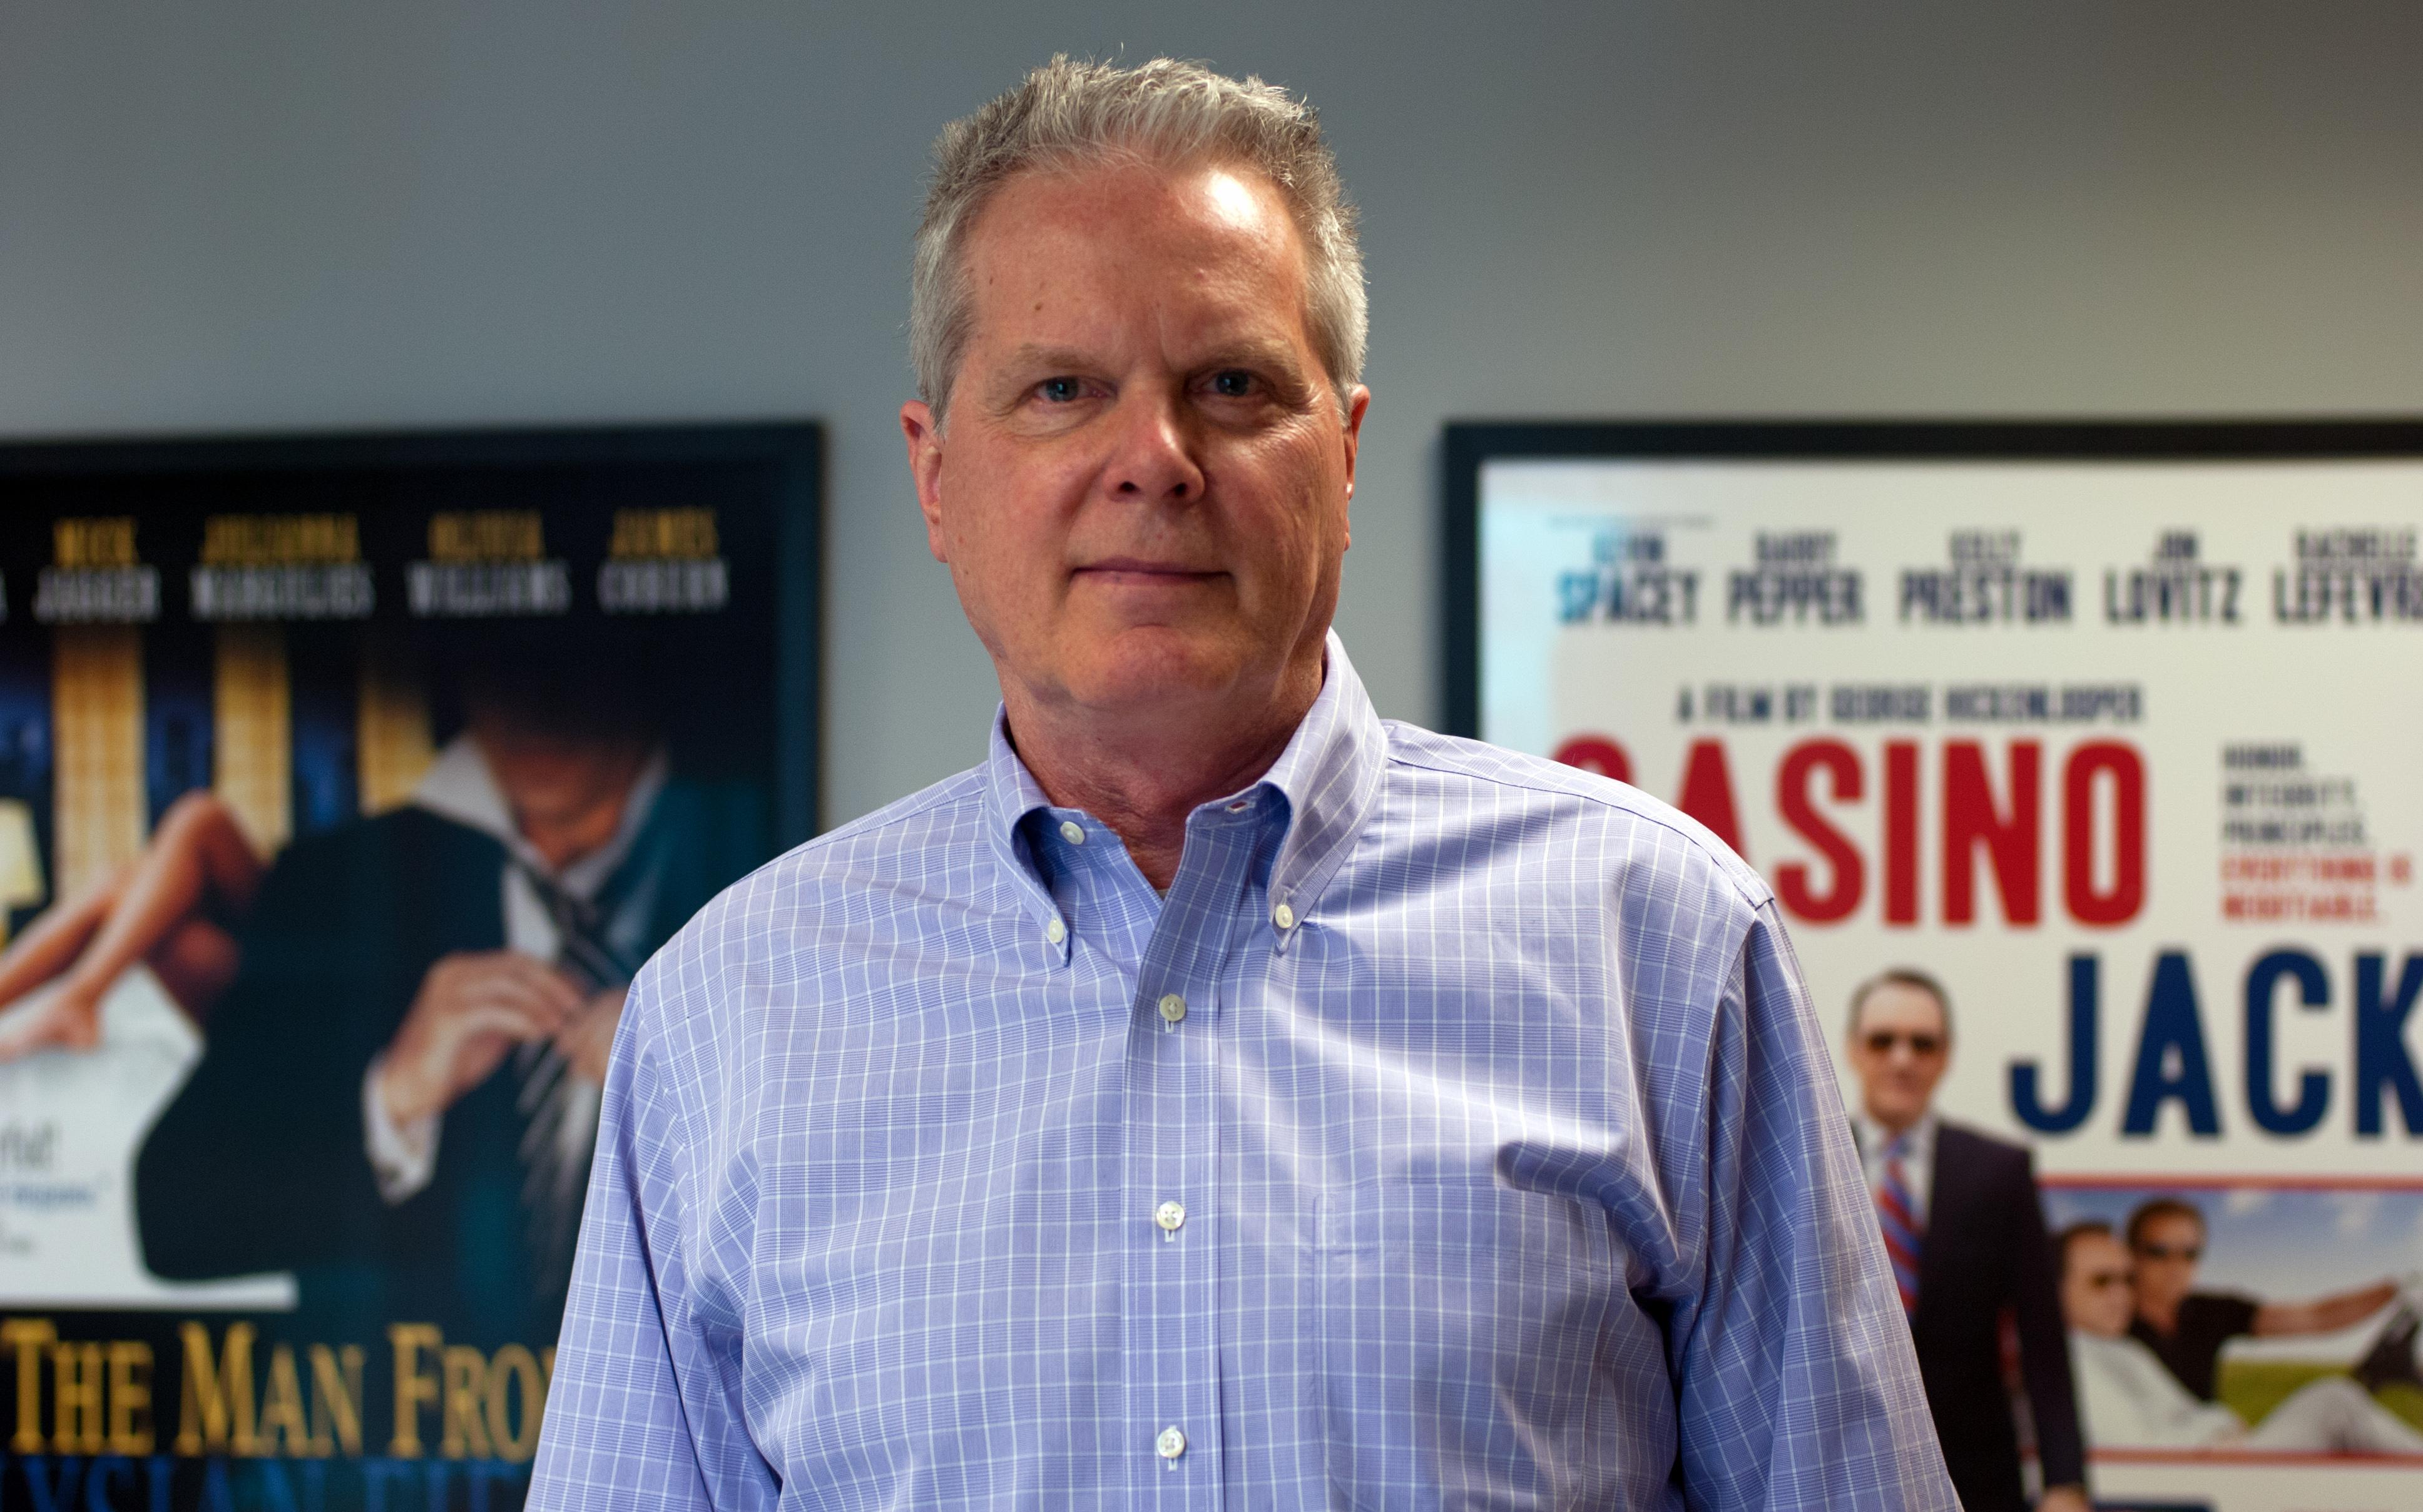 Photo: Colorado Film Commissioner Donald Zuckerman 2016 portrait